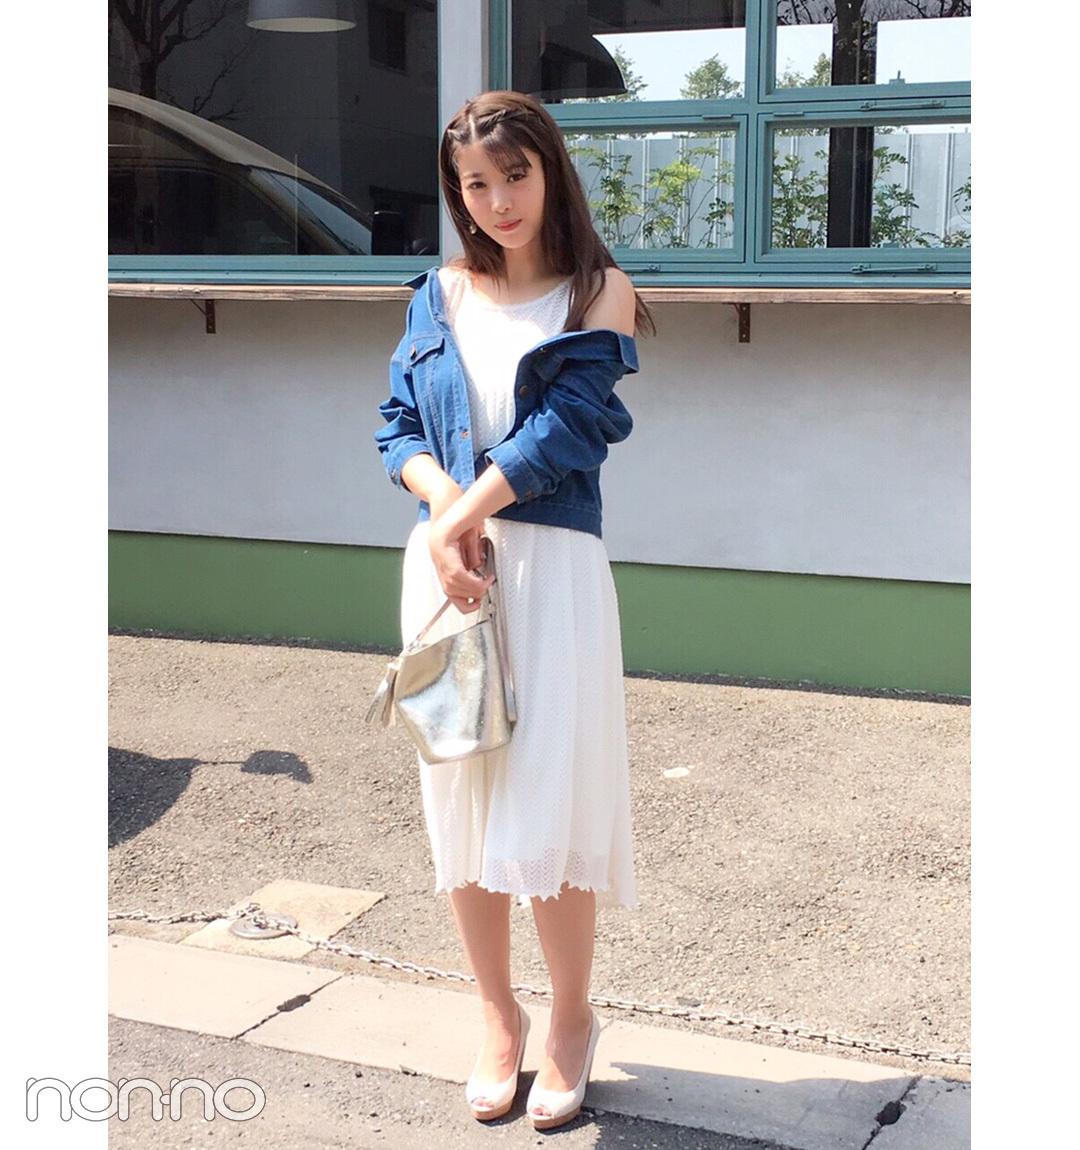 【夏のワンピースコーデ】馬場ふみかの色っぽ白ワンピコーデが見逃せない!